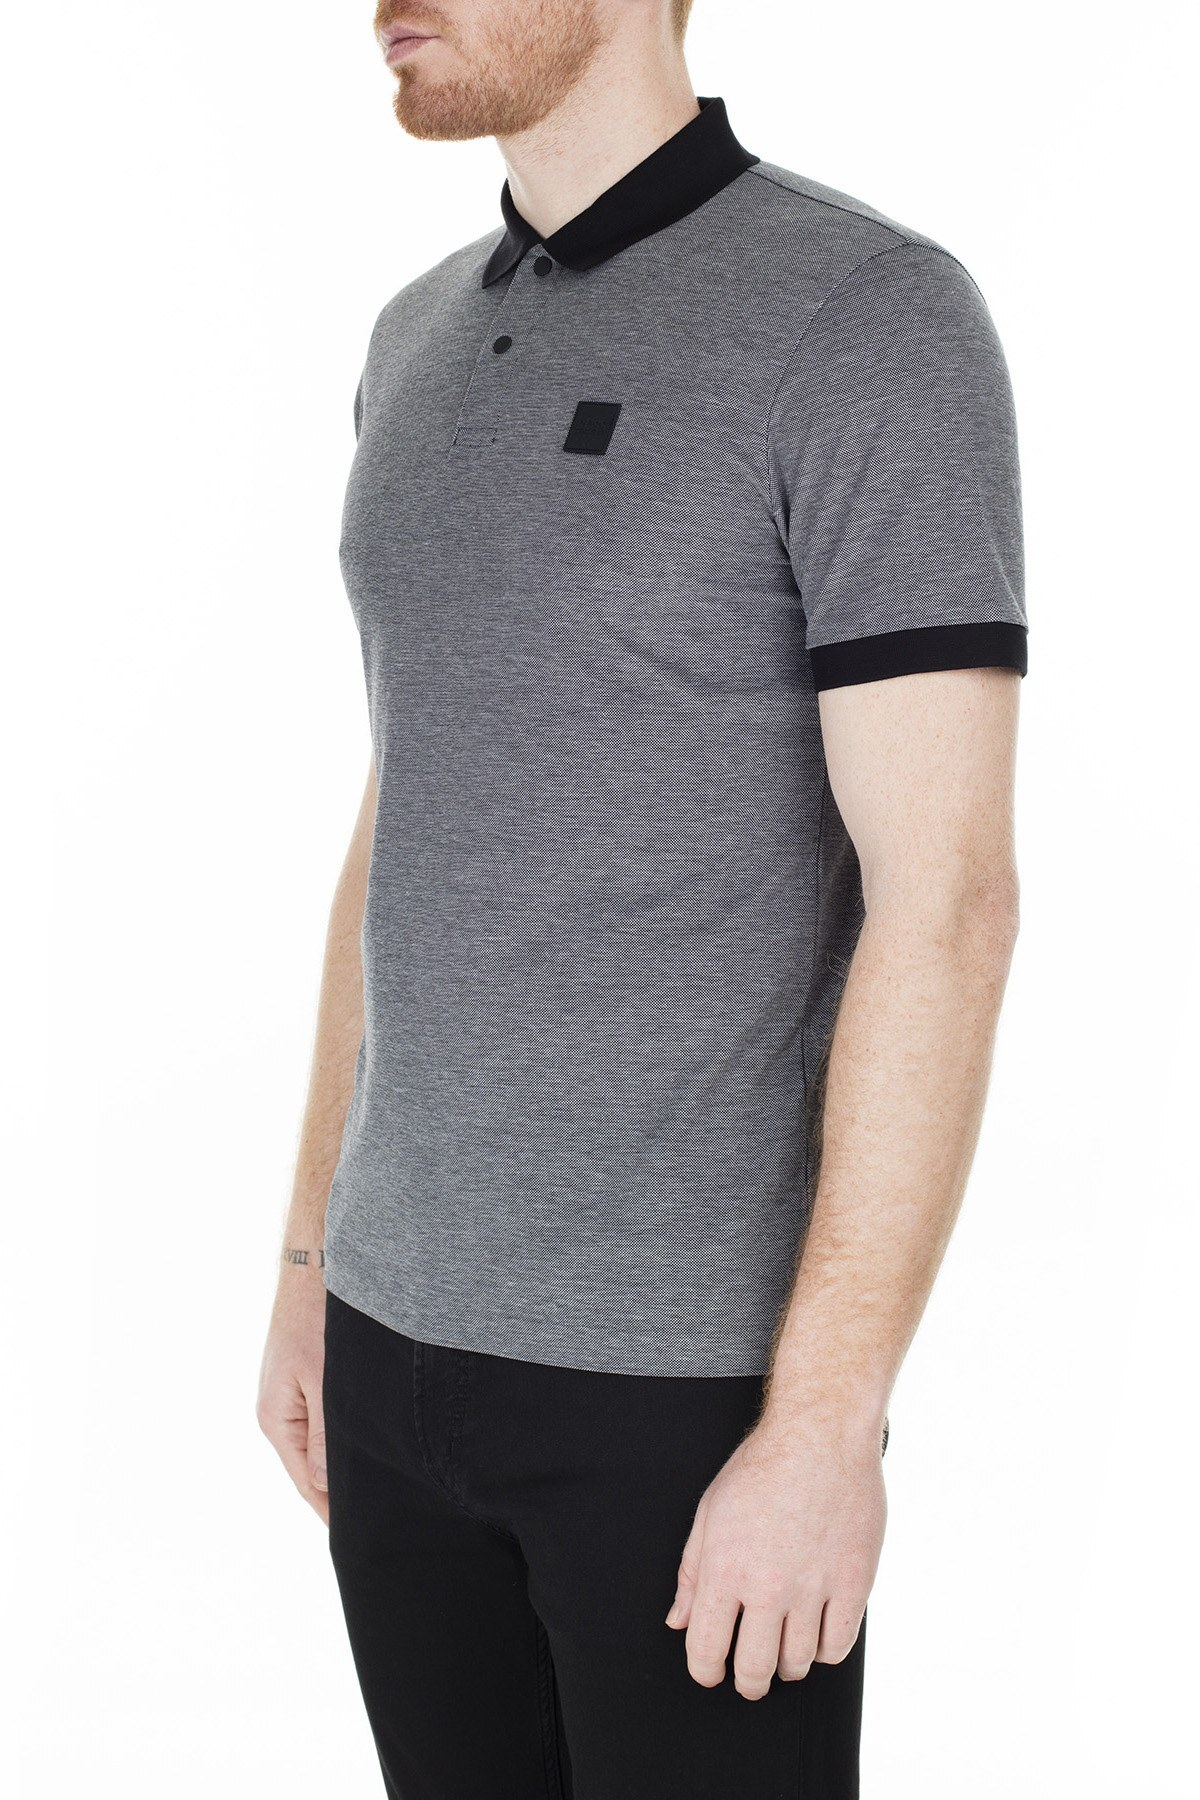 Hugo Boss T Shirt Erkek Polo 50423189 001 SİYAH